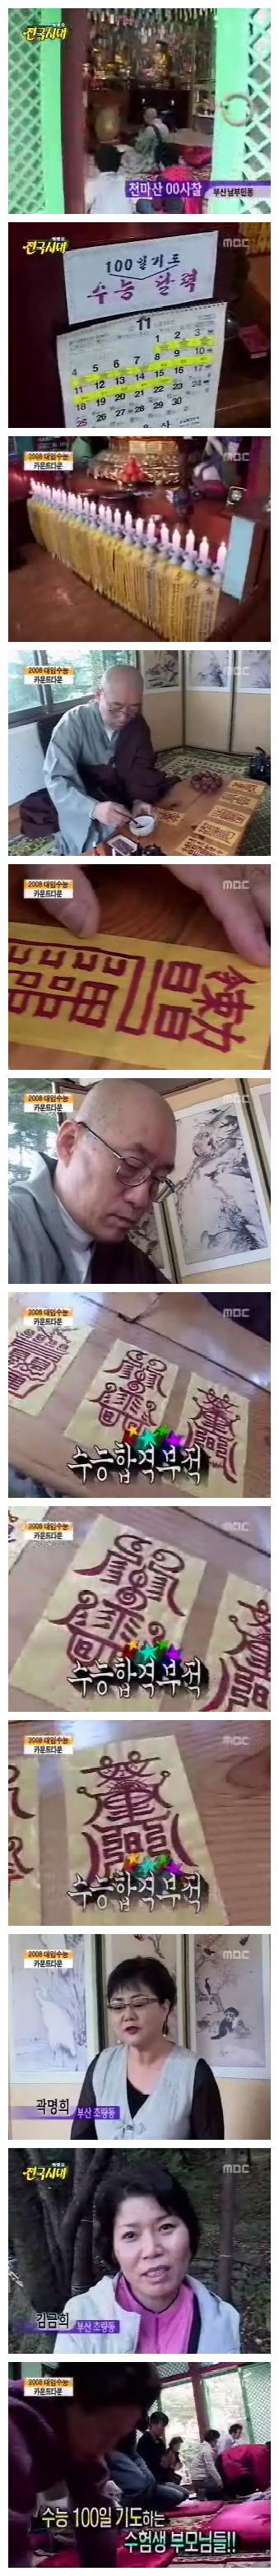 무진스님 방송출연